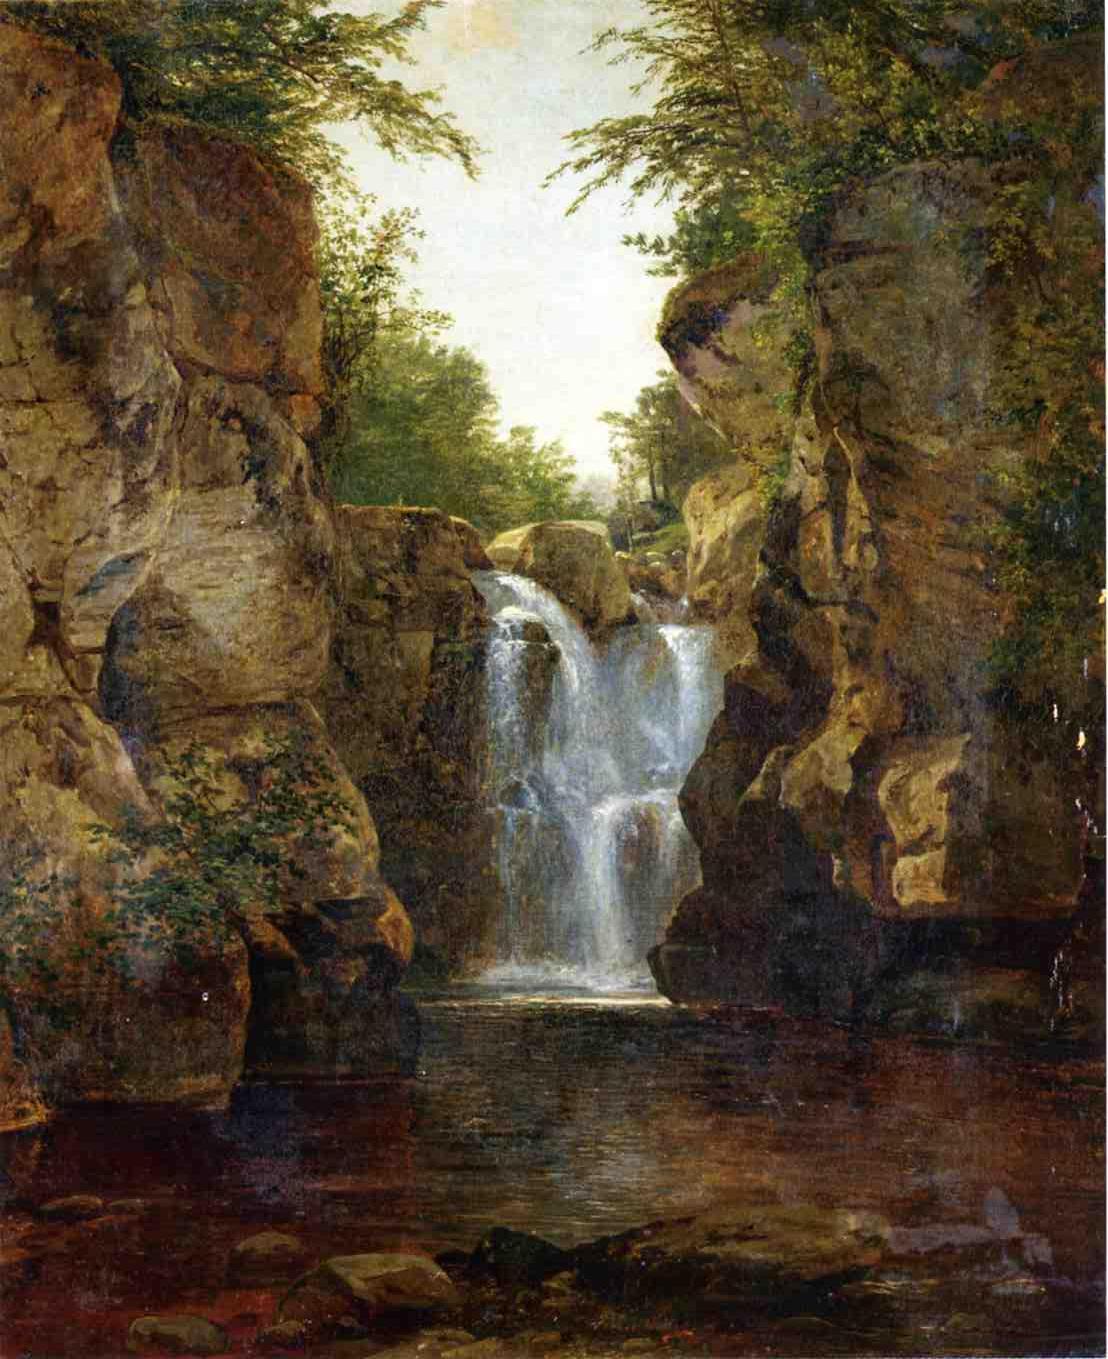 Bash Bish Falls 1855-1860 | John Frederick Kensett | Oil Painting